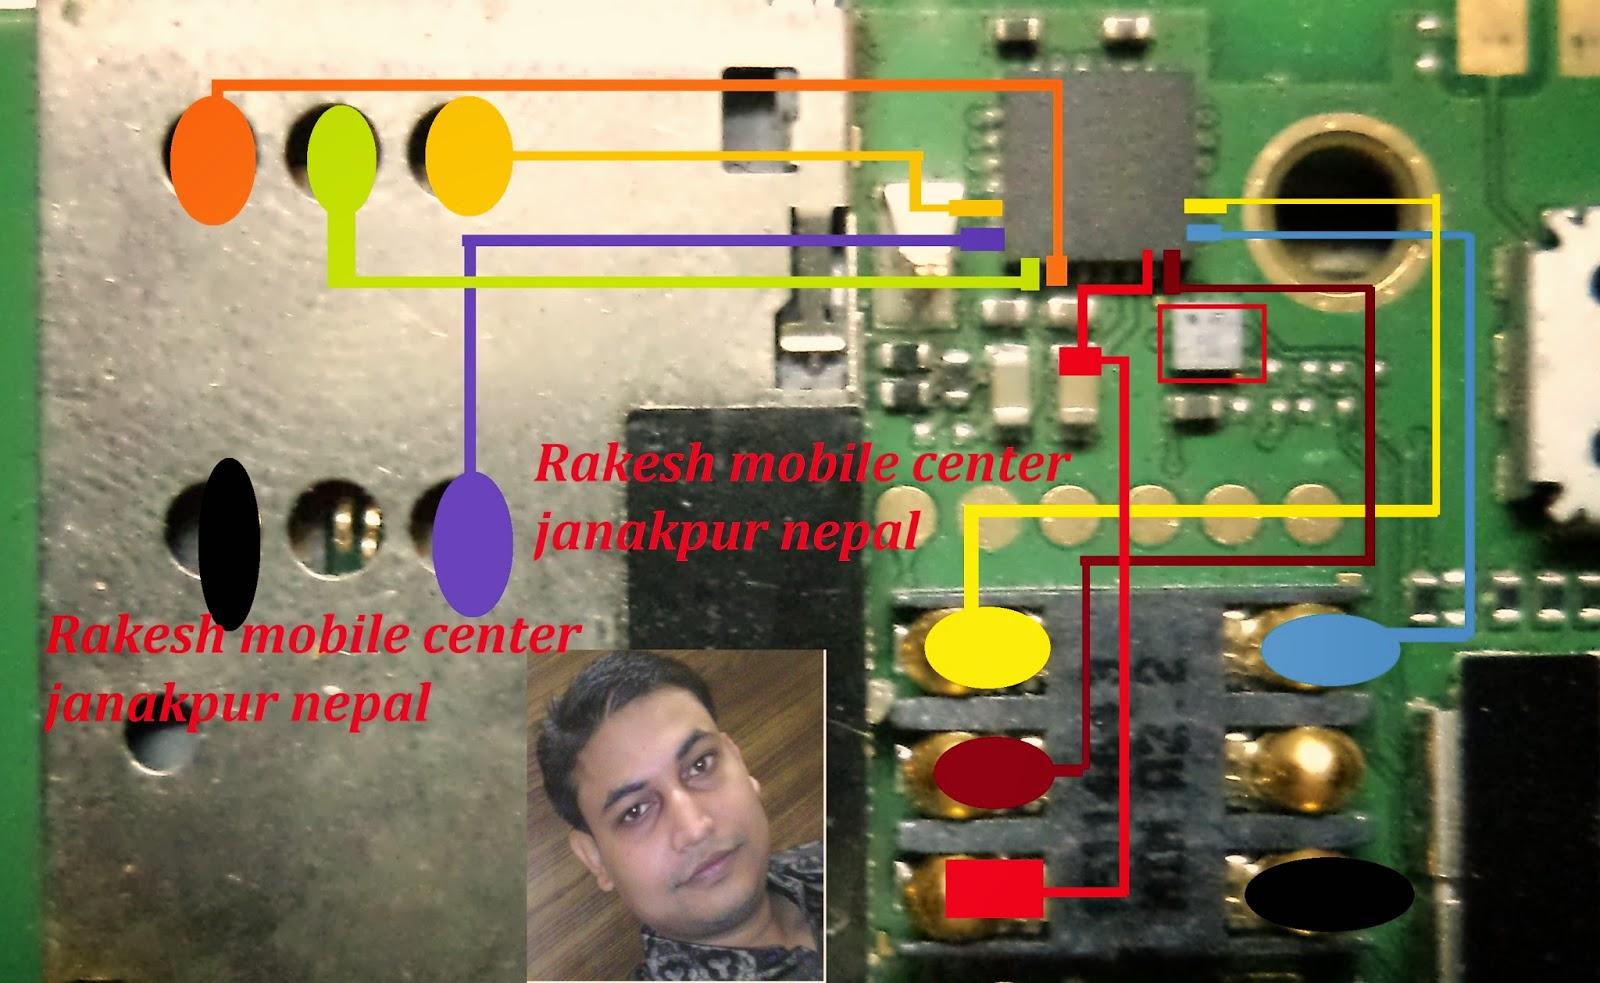 nokia c2-03 insert sim solution | Mobile Repairing Tips